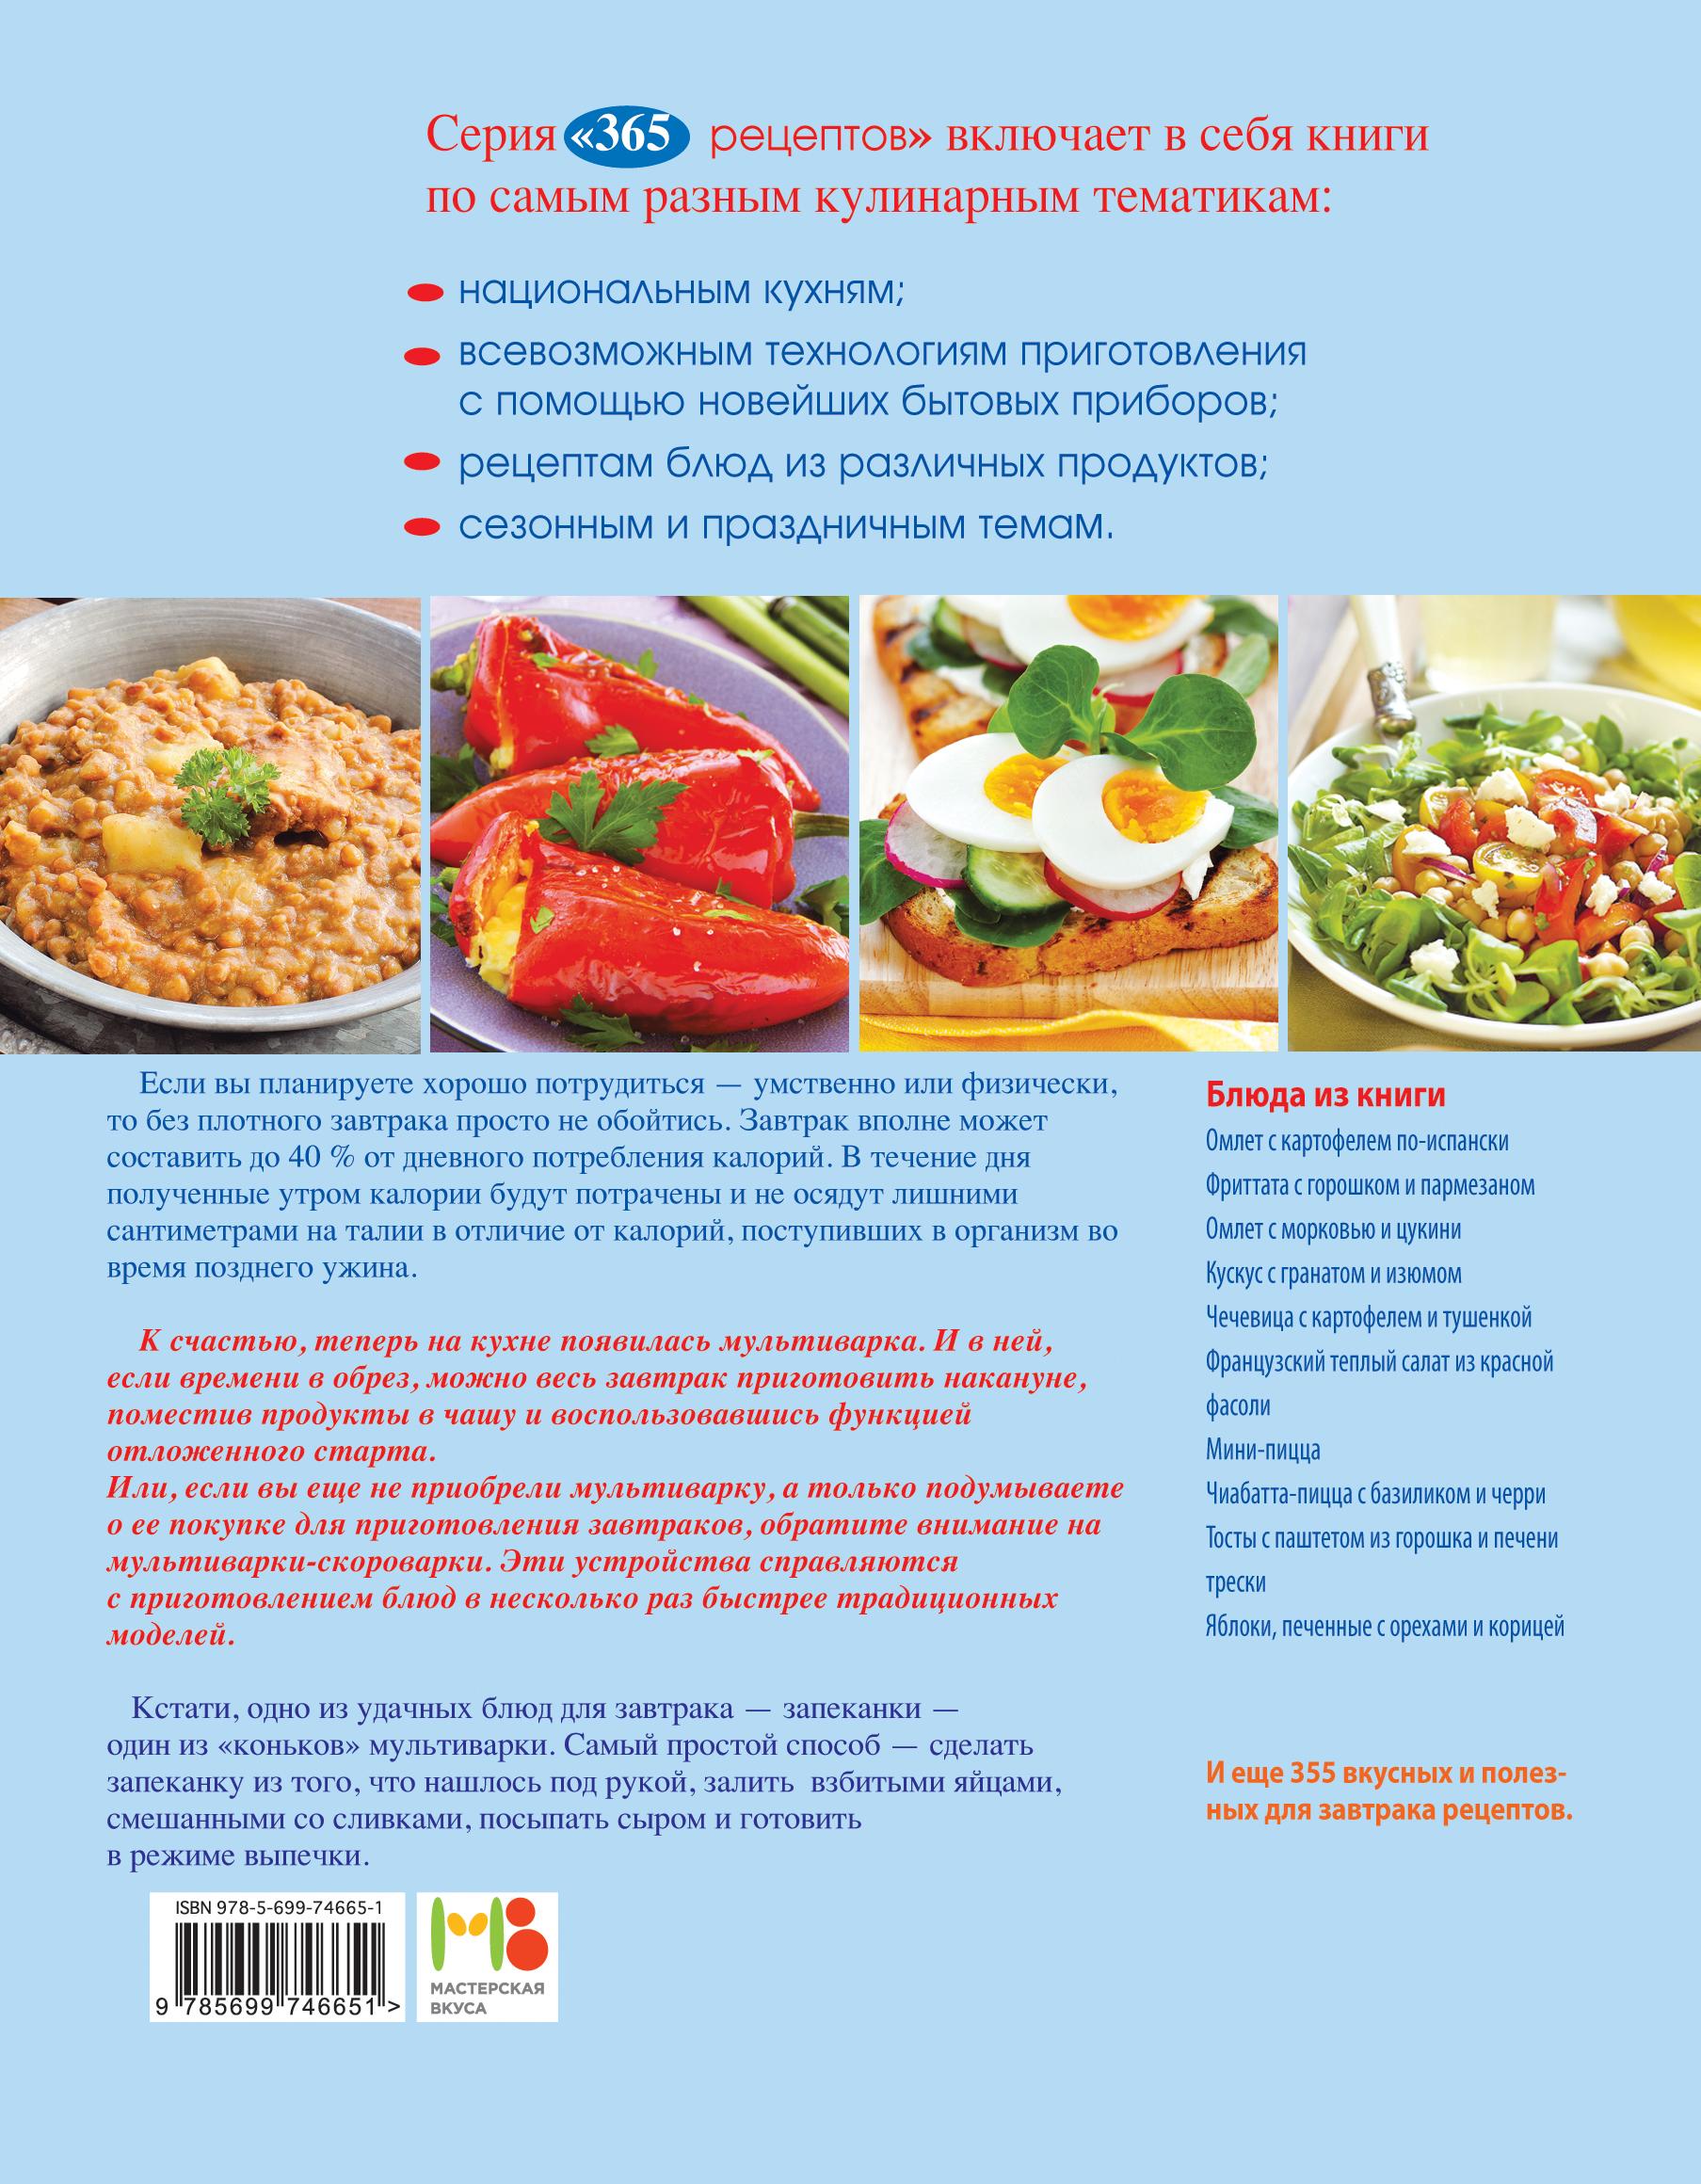 С. Иванова. 365 рецептов. Завтраки в мультиварке